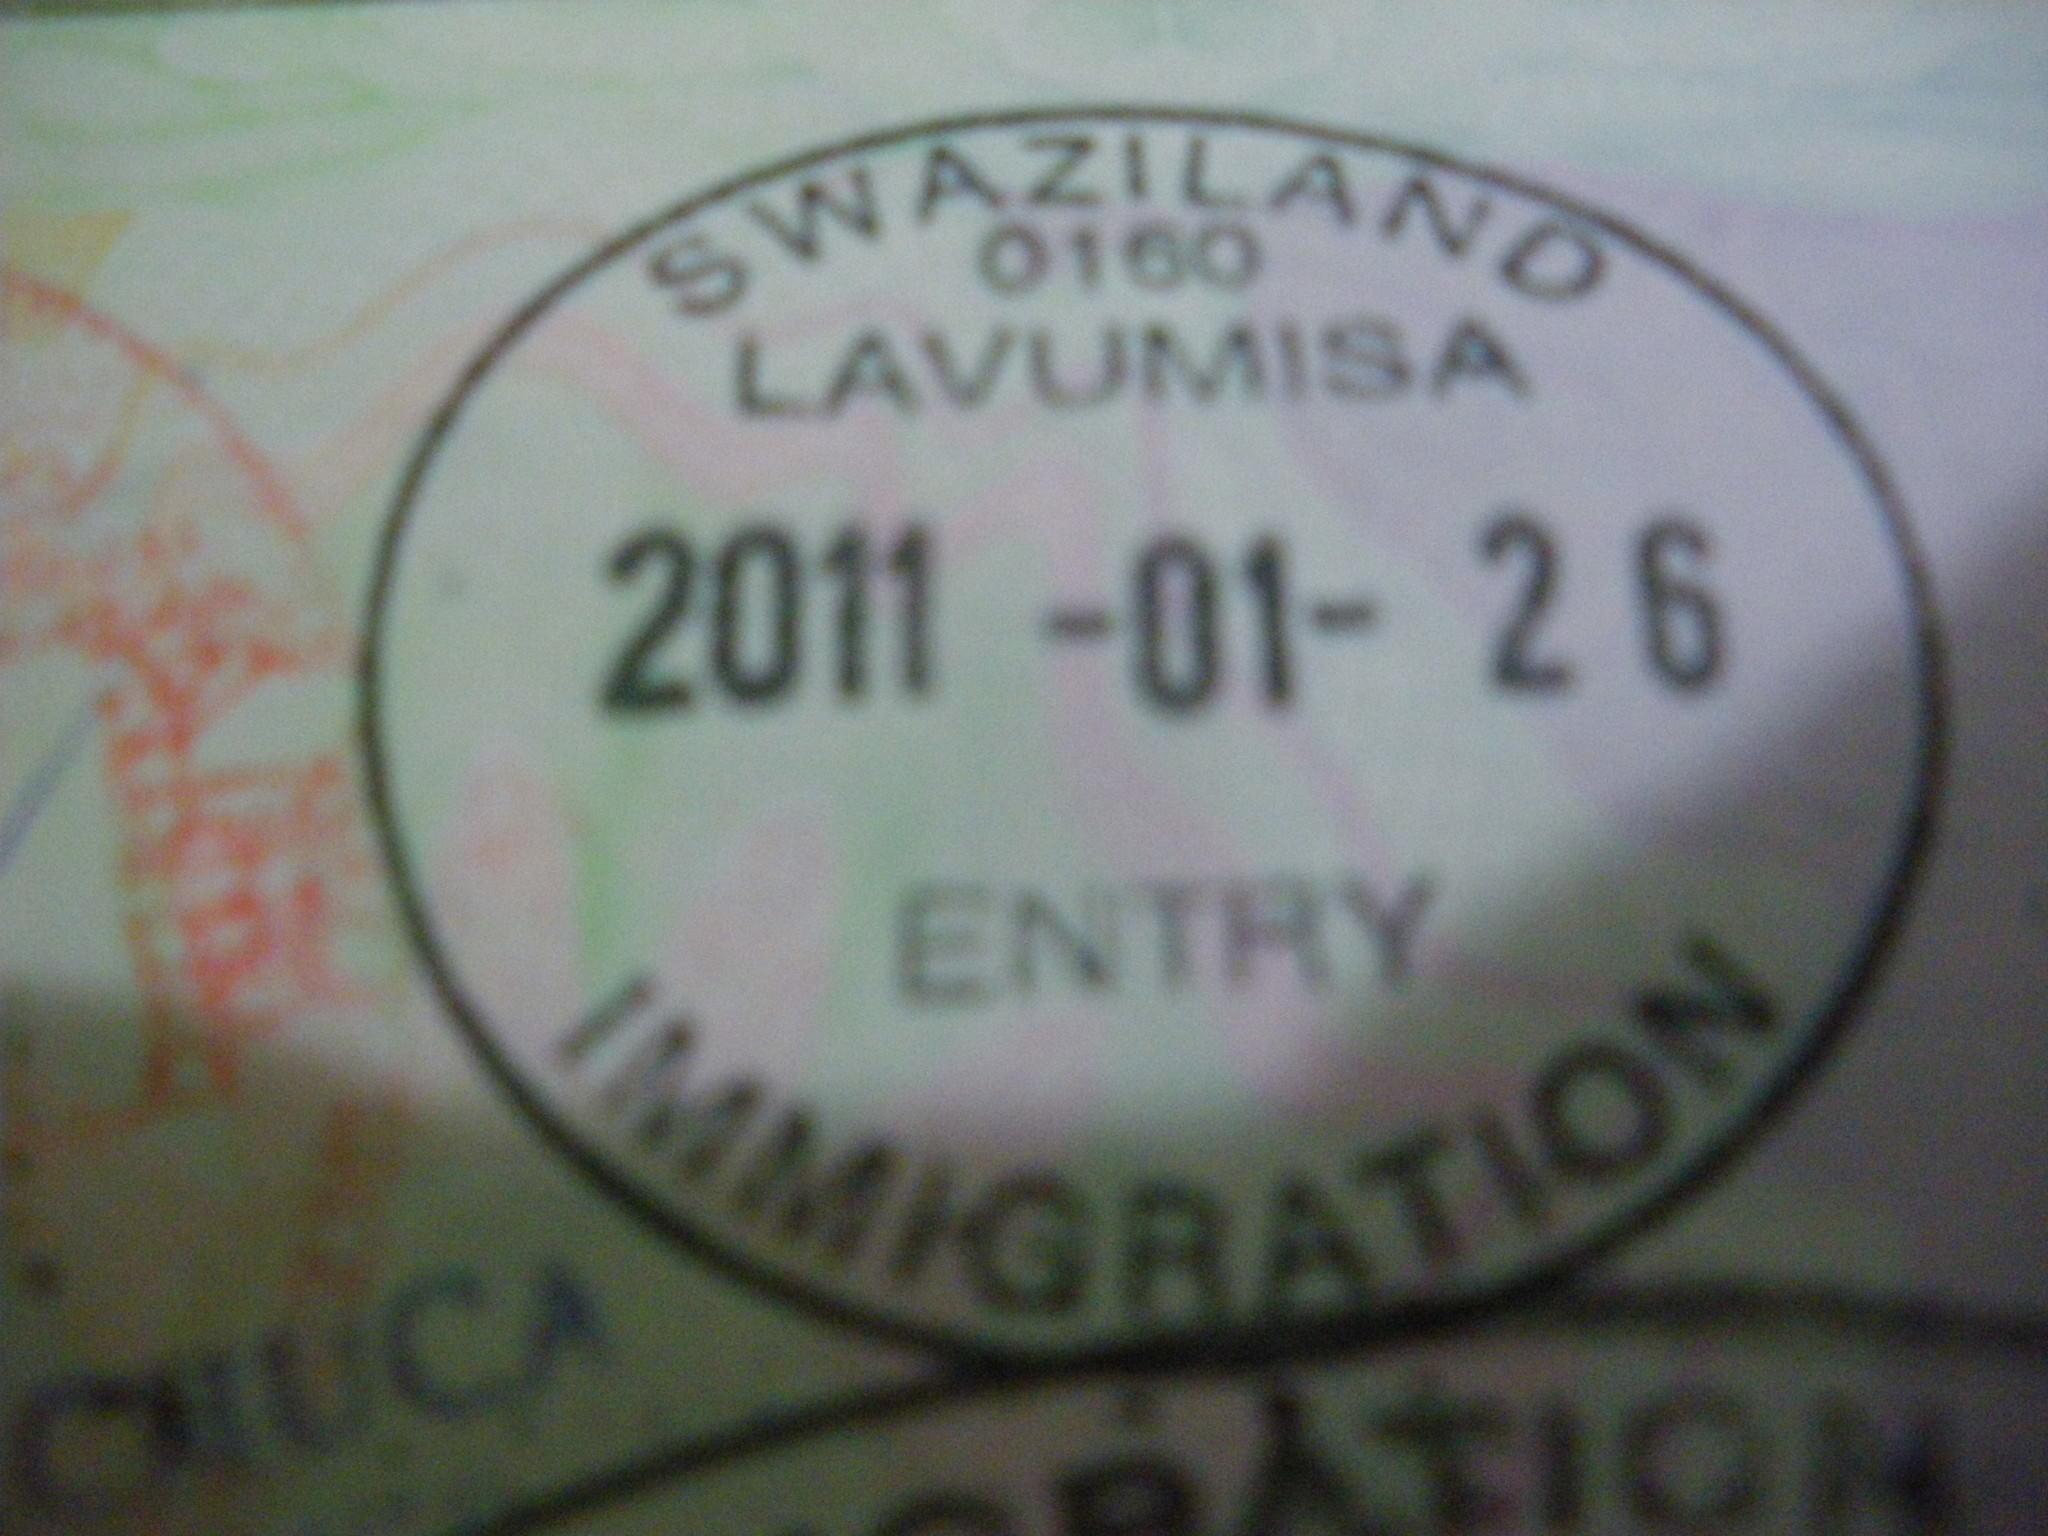 Lavumisa border stamp in Swaziland